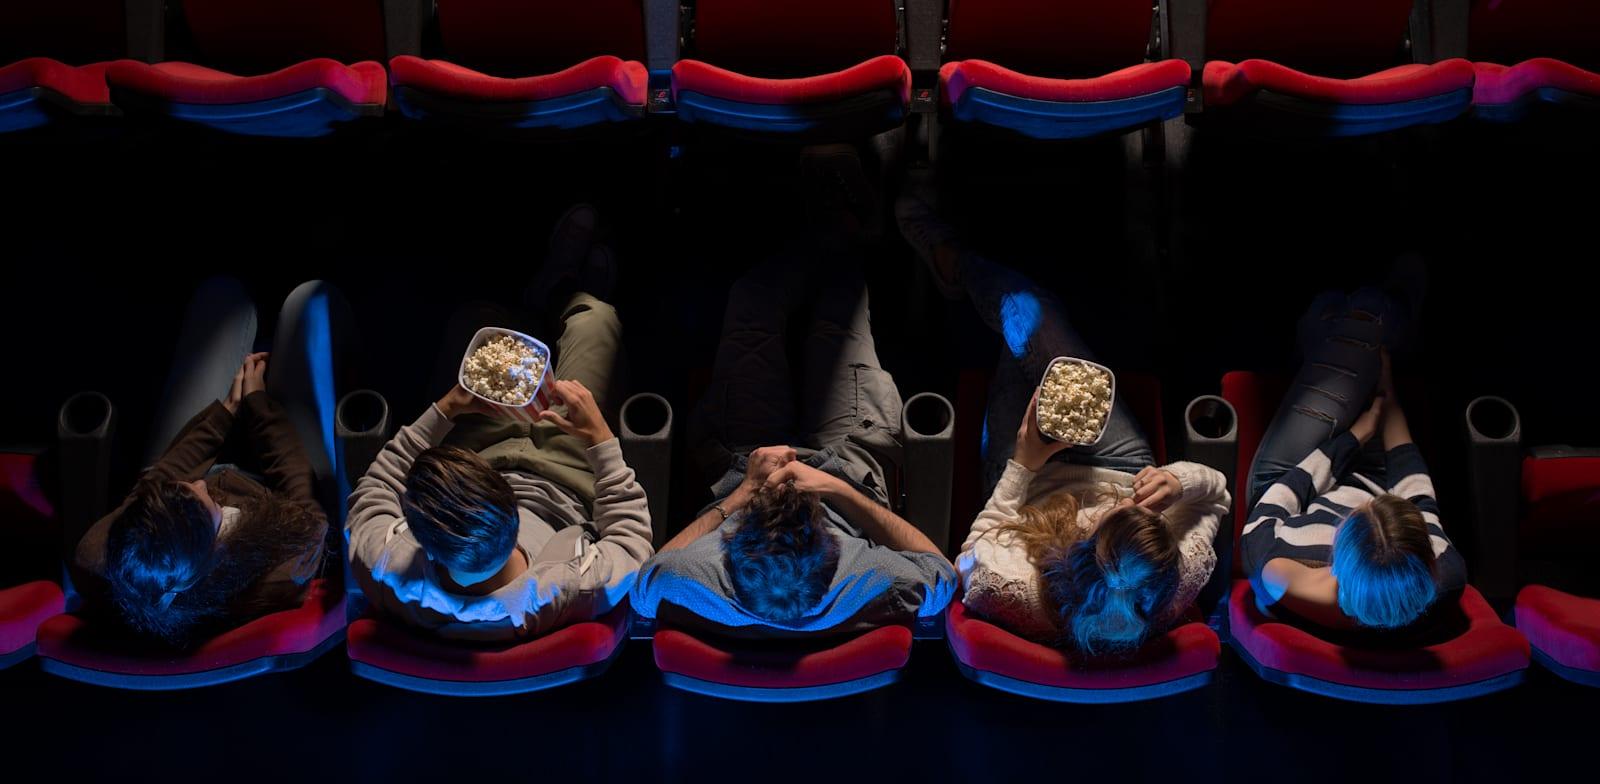 אולם קולנוע. העתיד אינו רק בסרטים / צילום: Shutterstock